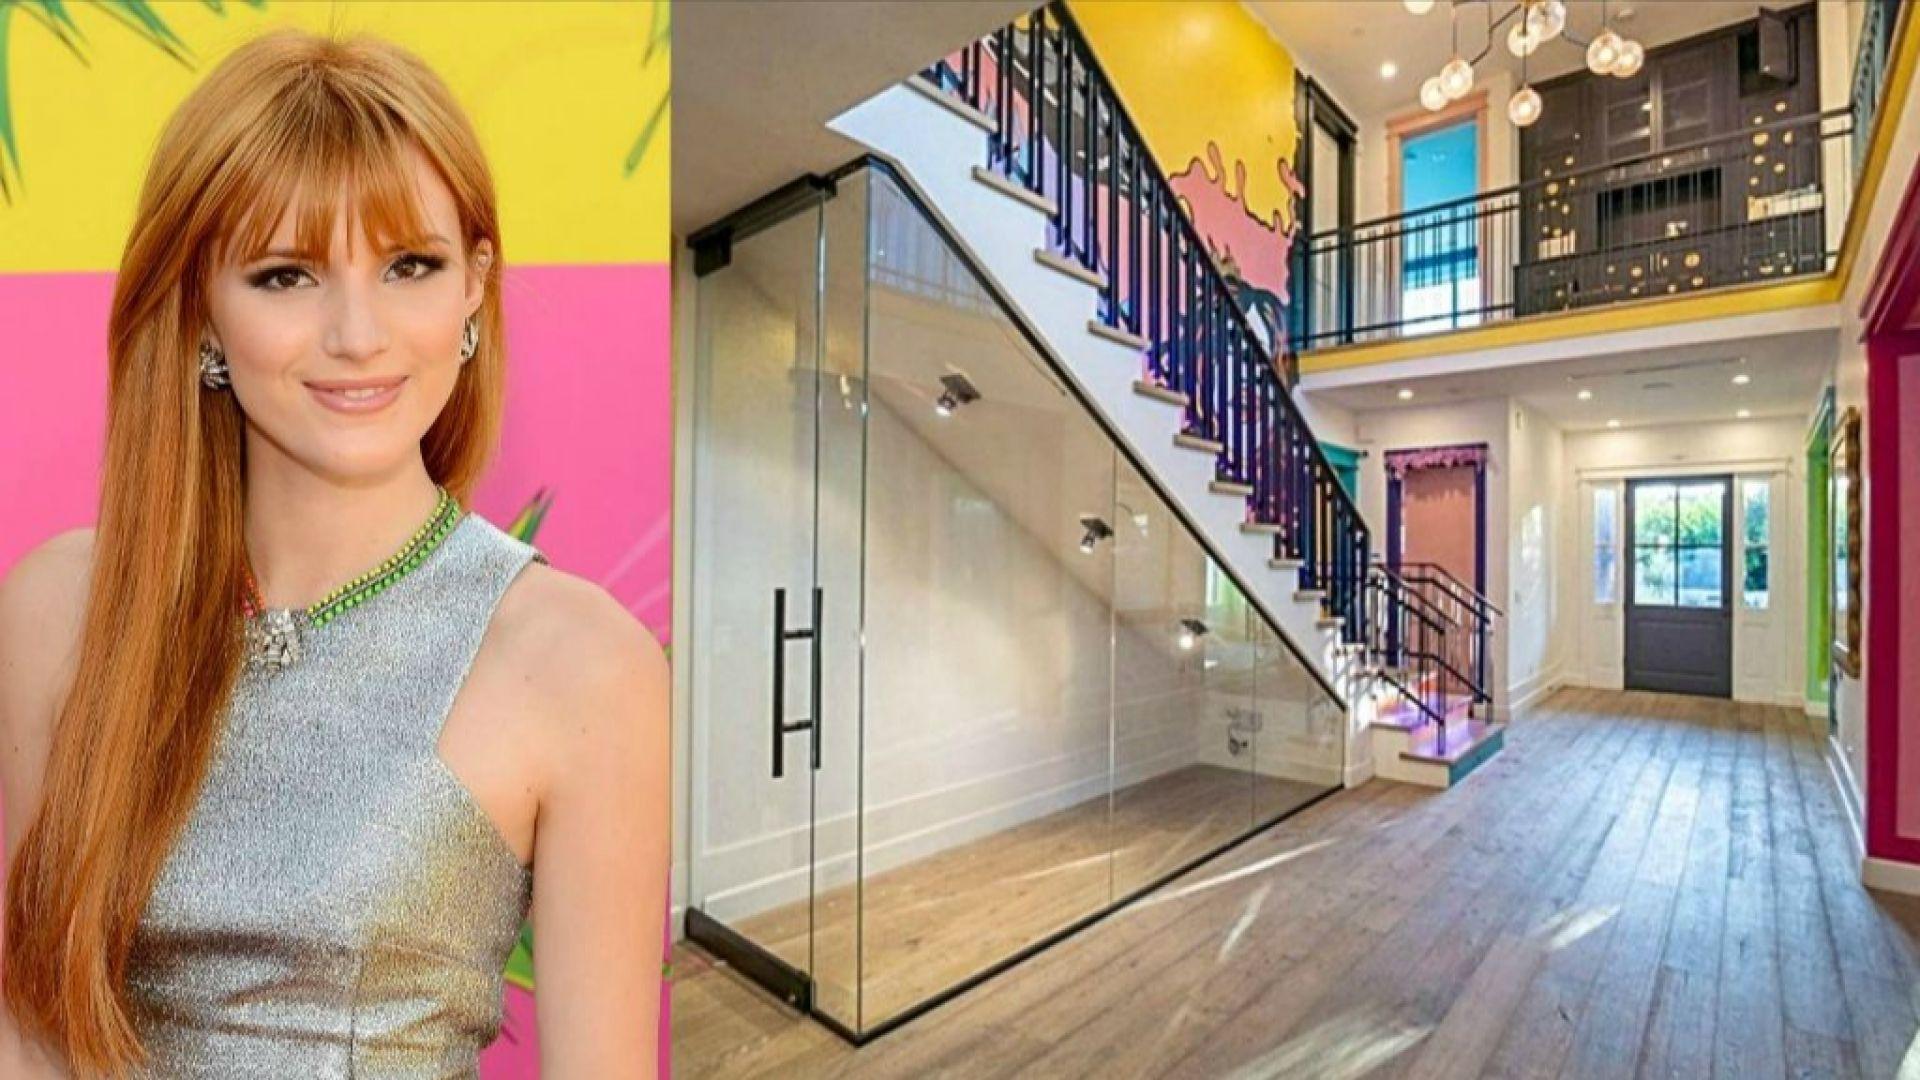 Вижте отвътре розовата къща, която Бела Торн продава за 2.55 млн. долара